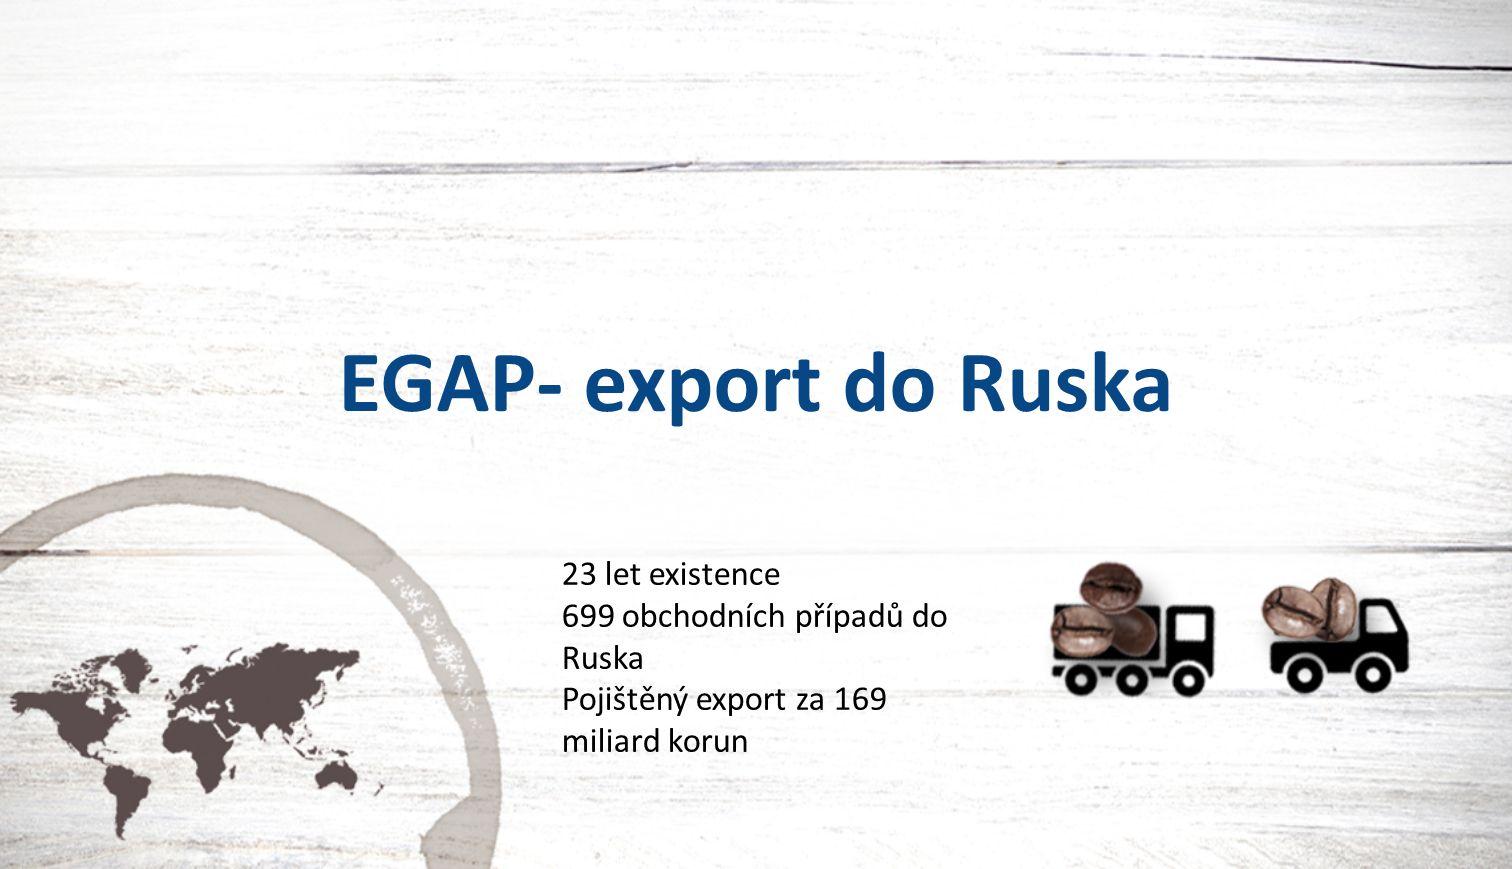 Podpora exportu do Ruska/Vývoj v roce 2015  EGAP nepřerušil pojišťování případů do Ruska  Nadále spolupracuje s TOP 15 systémovými bankami Ruska  Transakce se silnými a stabilními ruskými subjekty, výhodou je přirozený hedging Celková nesplacená jistina pojištěných úvěrů:  45,1 mld.